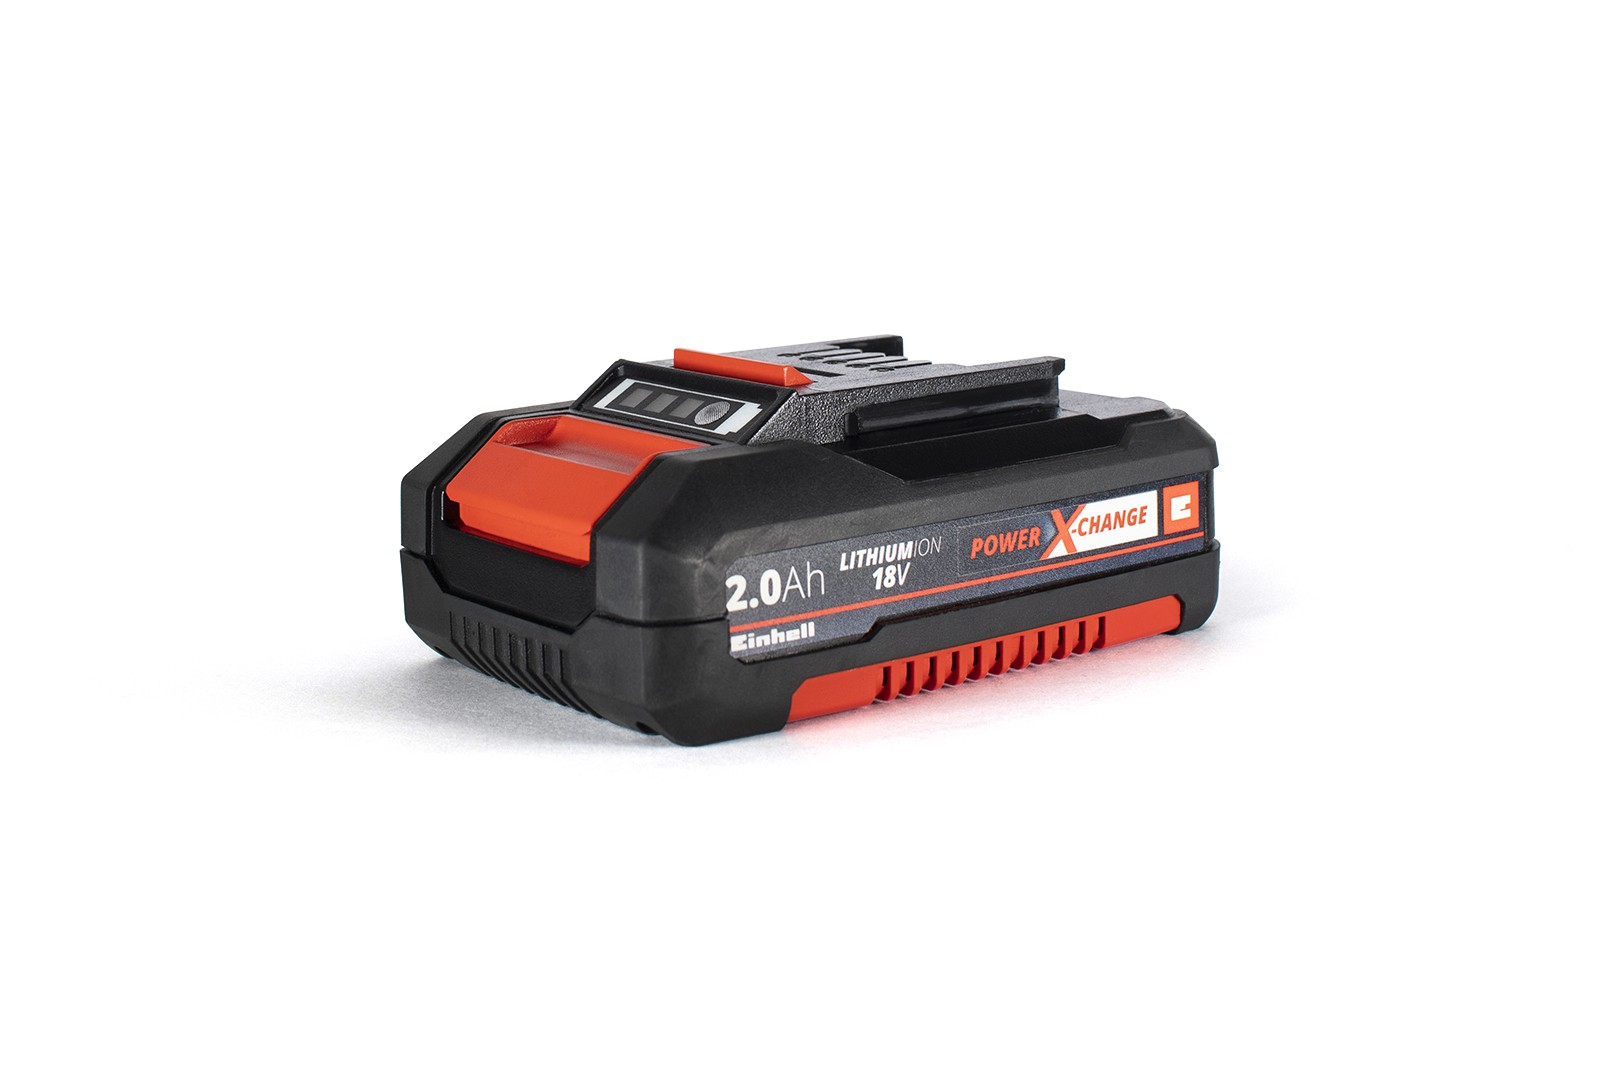 Kit Inicial PXC Carregador Bivolt e Bateria 18V 2Ah